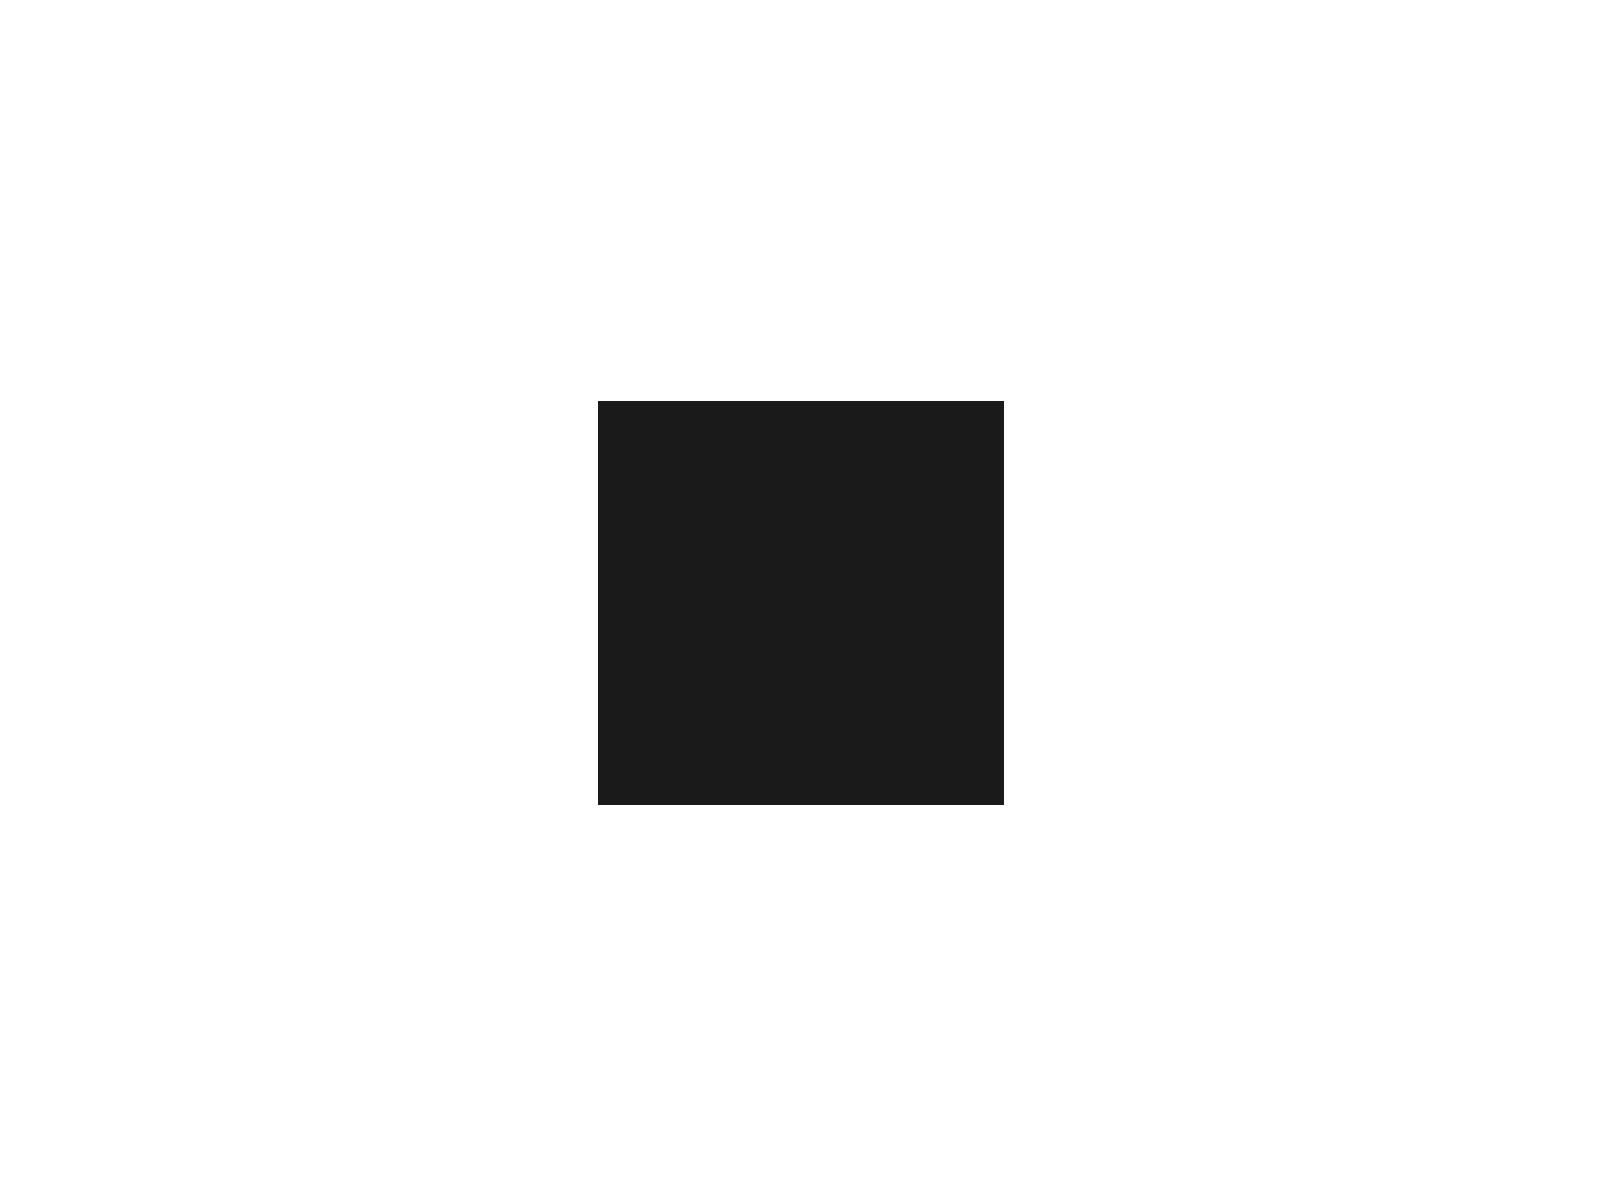 200325_logo_0013_KW